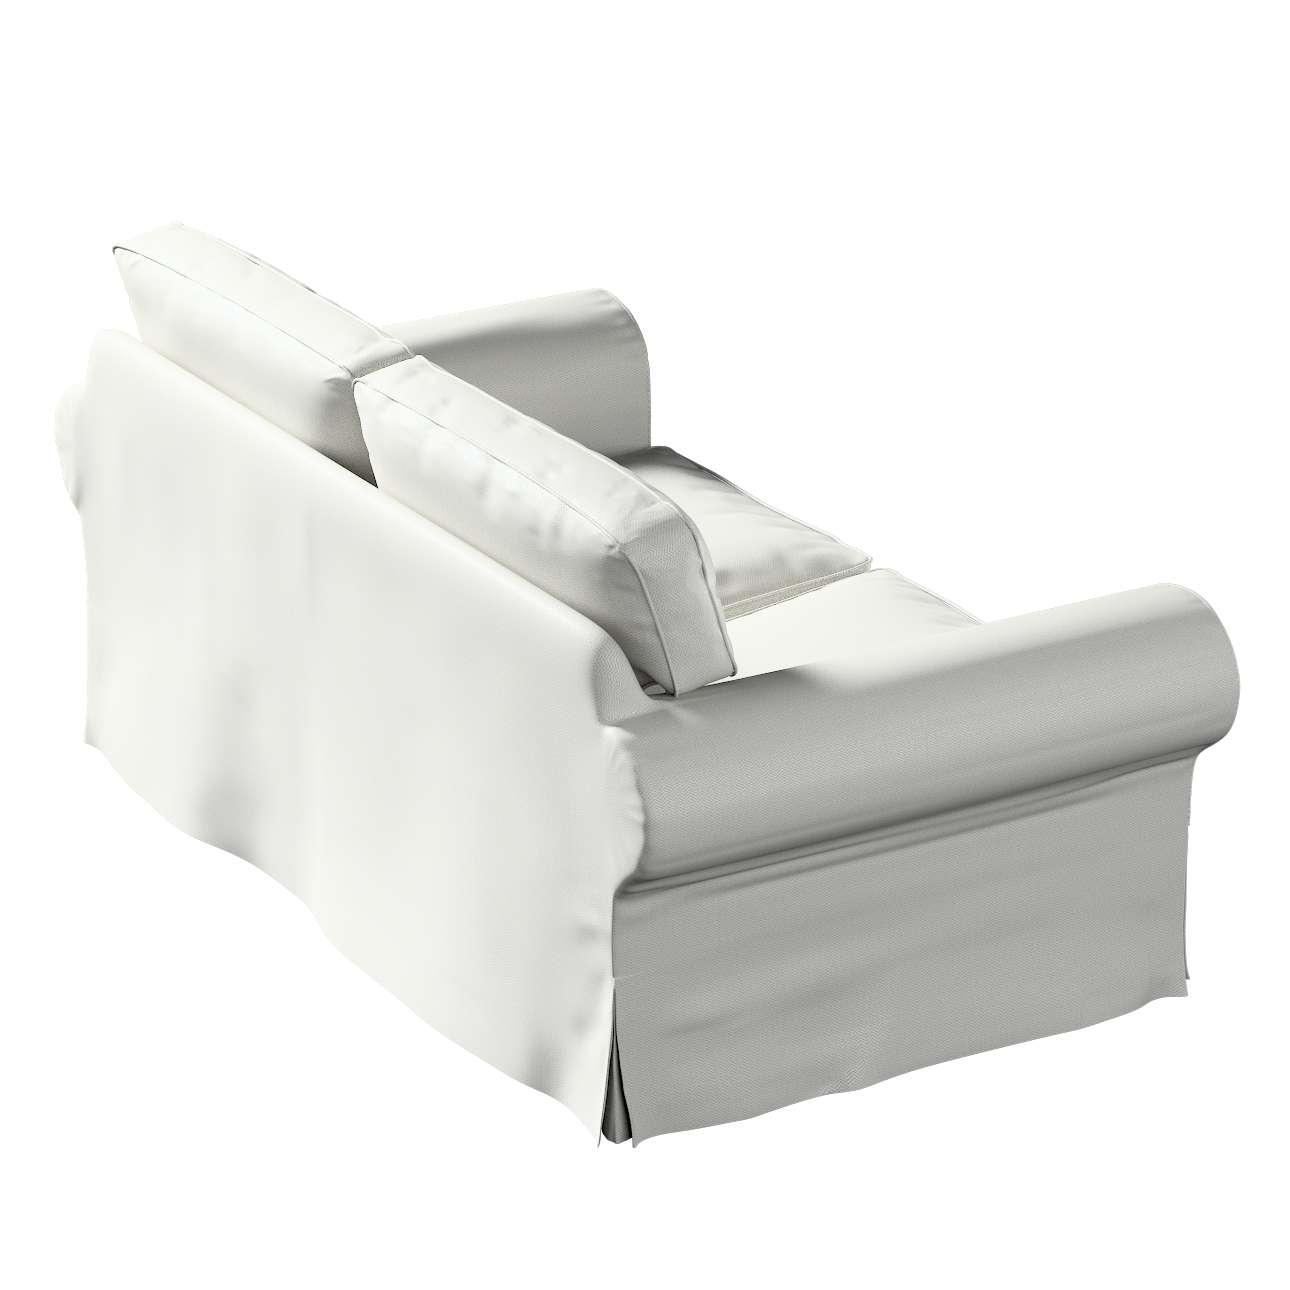 Pokrowiec na sofę Ektorp 2-osobową, rozkładaną, model do 2012 w kolekcji Bergen, tkanina: 161-84